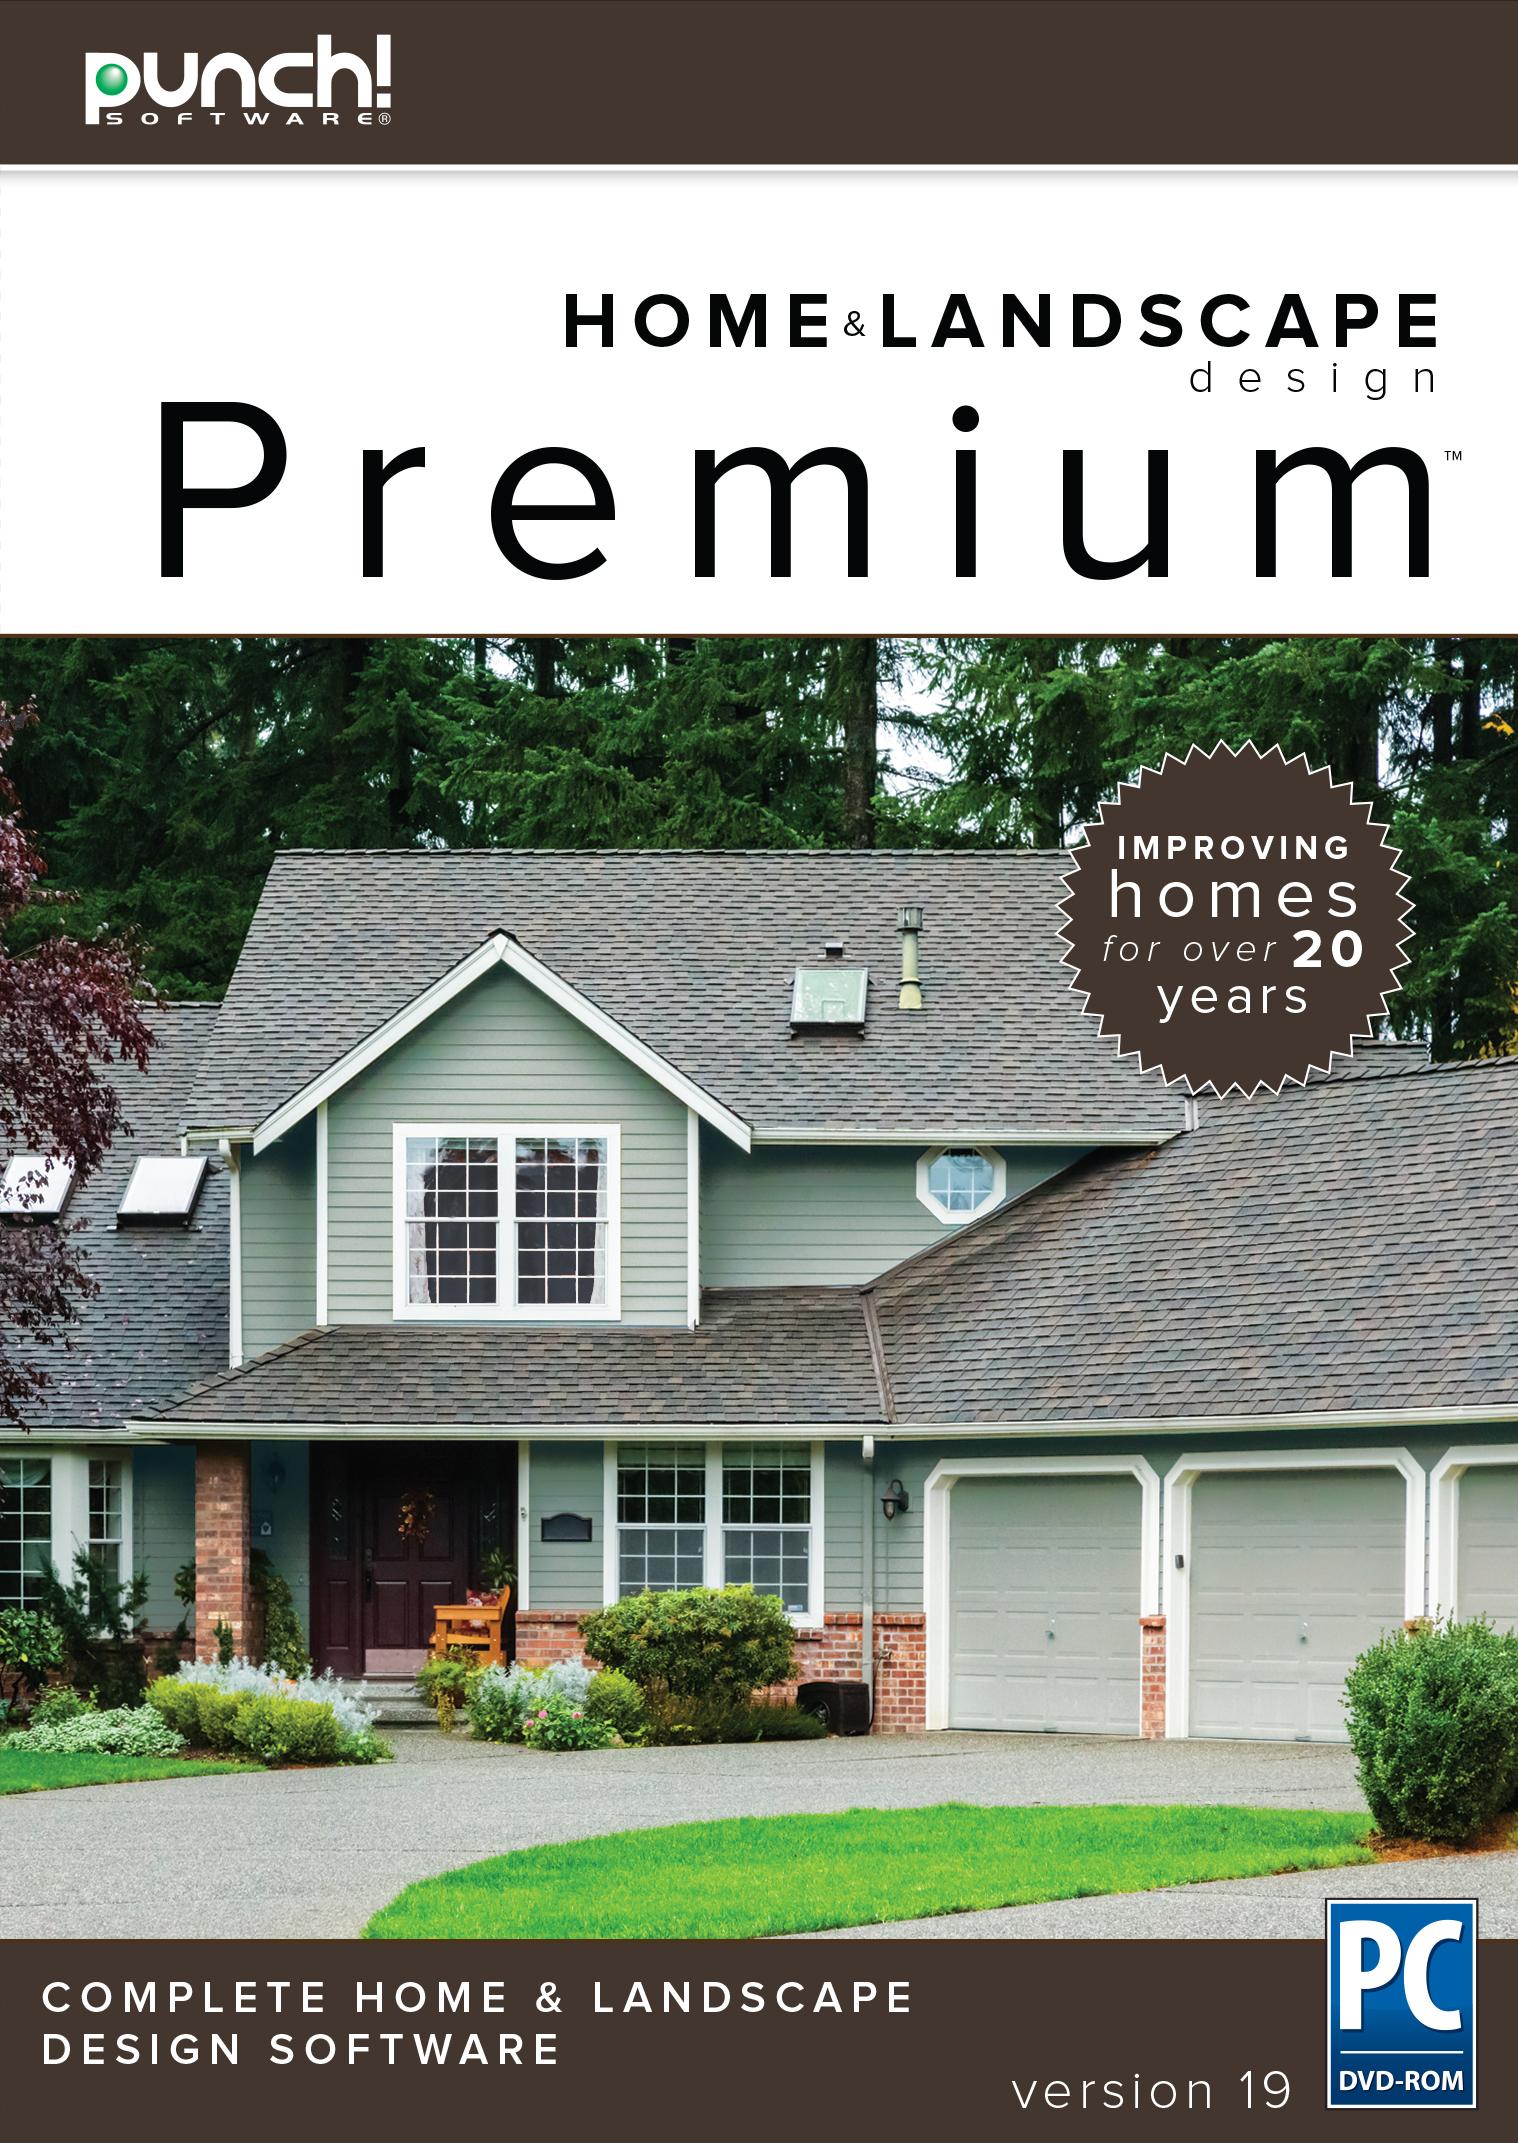 punch-home-landscape-design-premium-v19-home-design-software-for-windows-pc-download